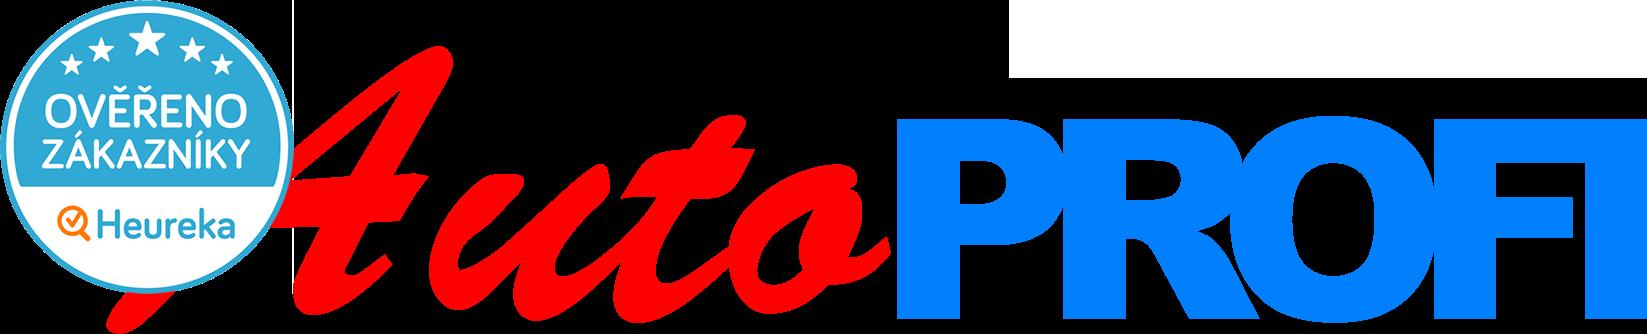 logo-autoprofi.png